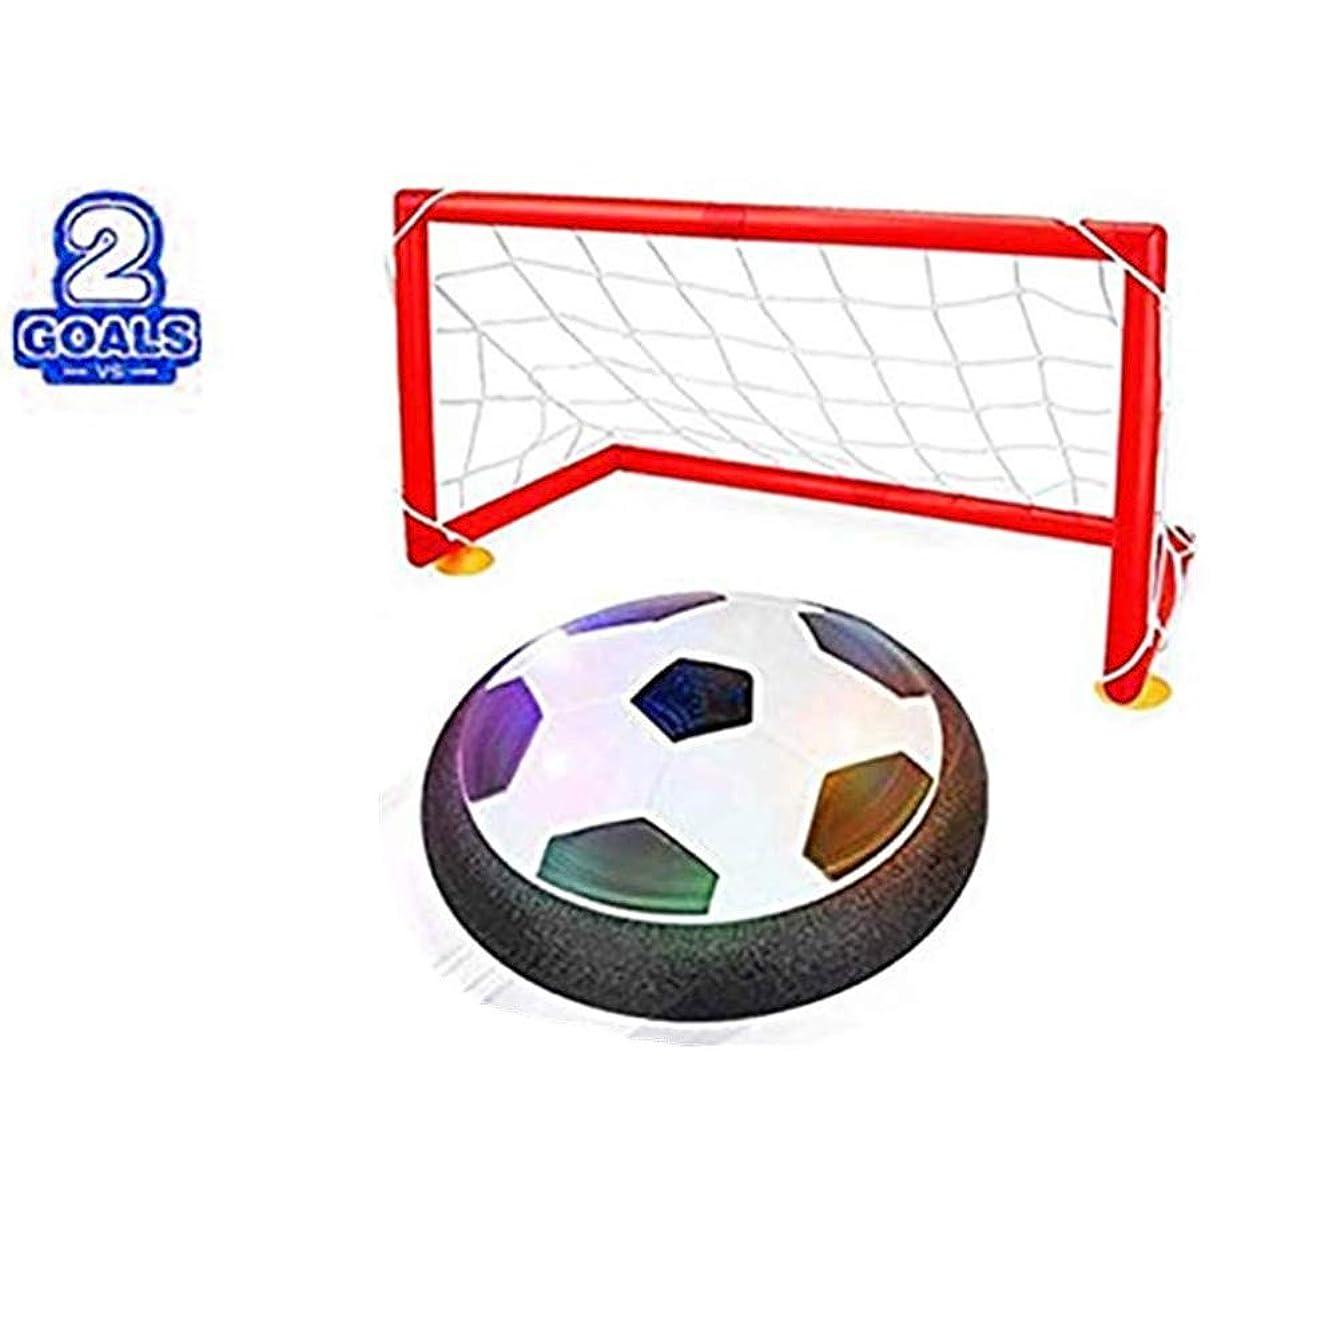 法医学チート即席AQUEOUS空気の力で浮く 室内用サッカーおもちゃ LEDホバーボールLEDホバーボール 空気の力で浮く 室内用サッカーボール 玩具 (2つゴール付き)